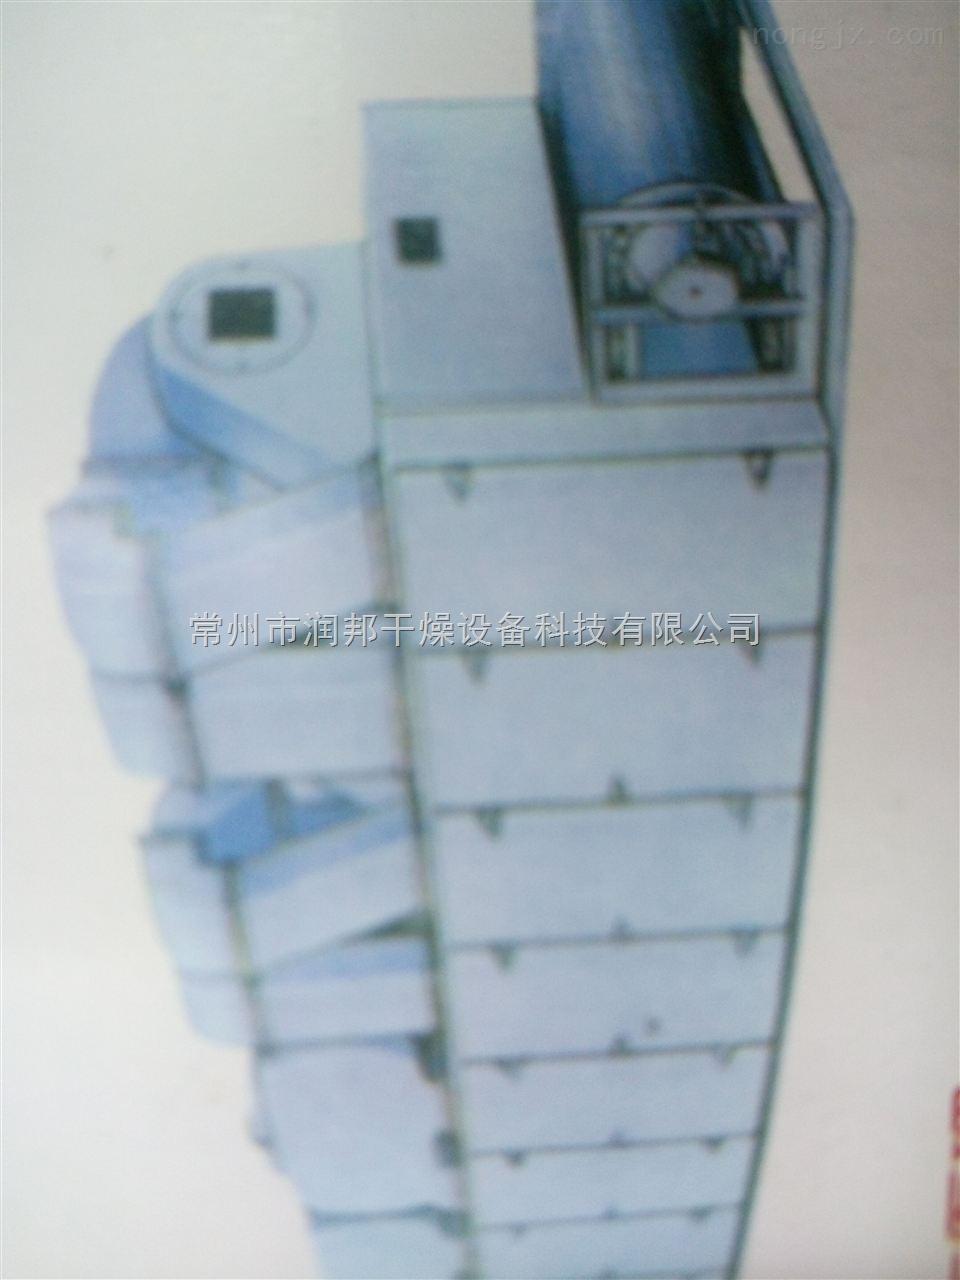 DW-药品专用带式干燥机